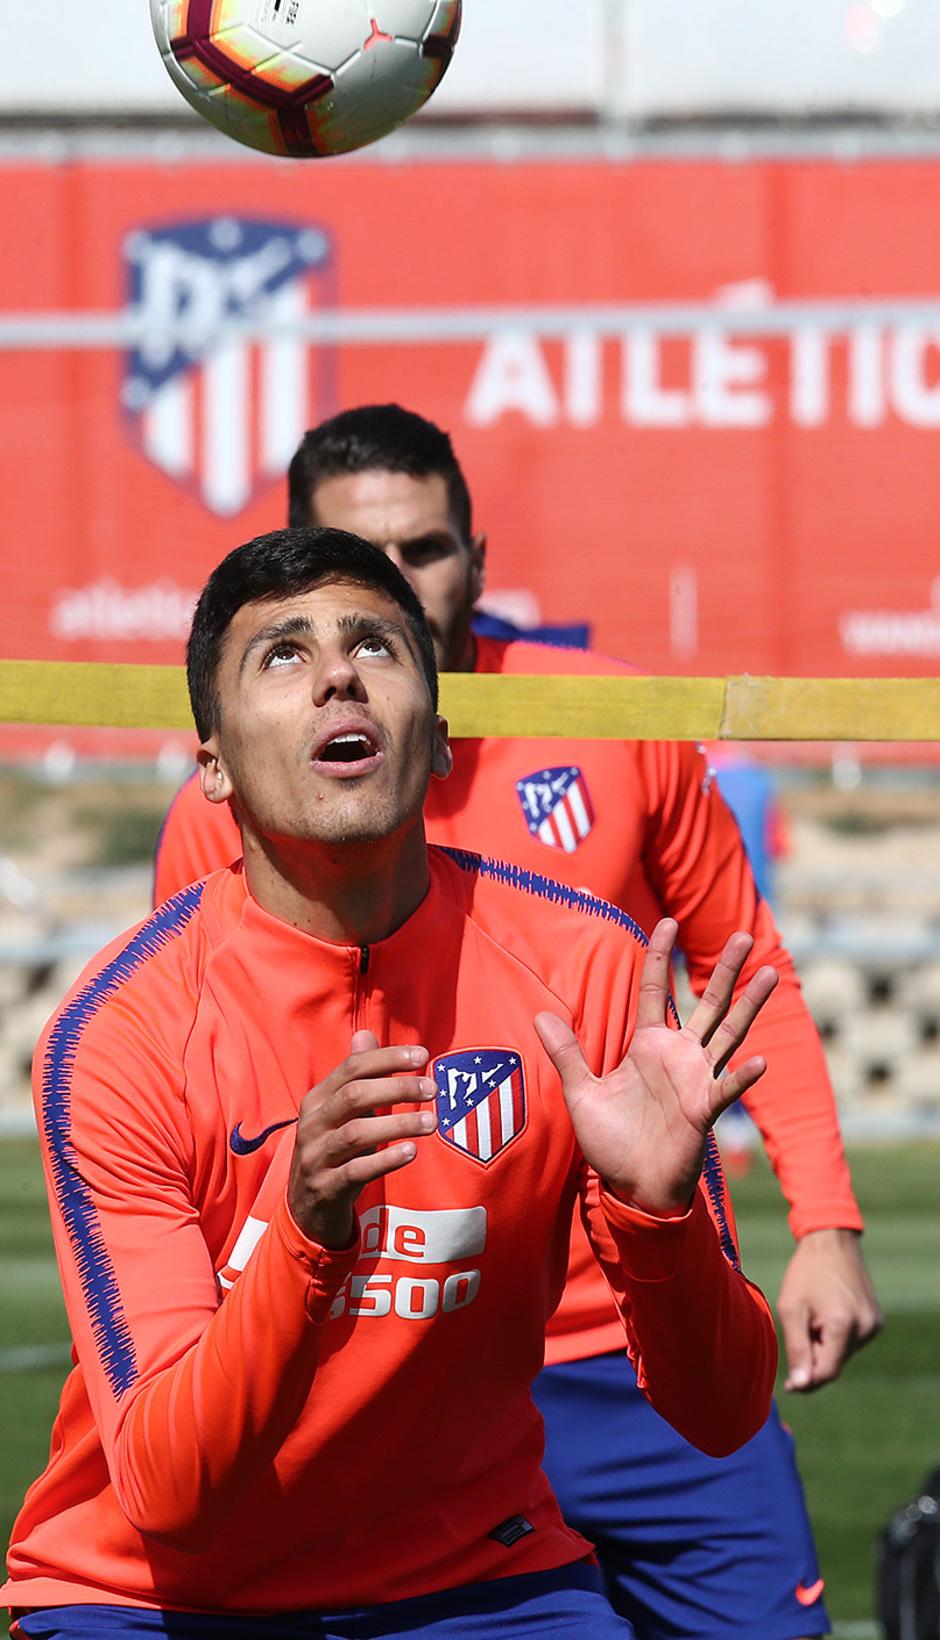 Temporada 18/19. Entrenamiento en la ciudad deportiva Wanda. Rodrigo durante el entrenamiento.